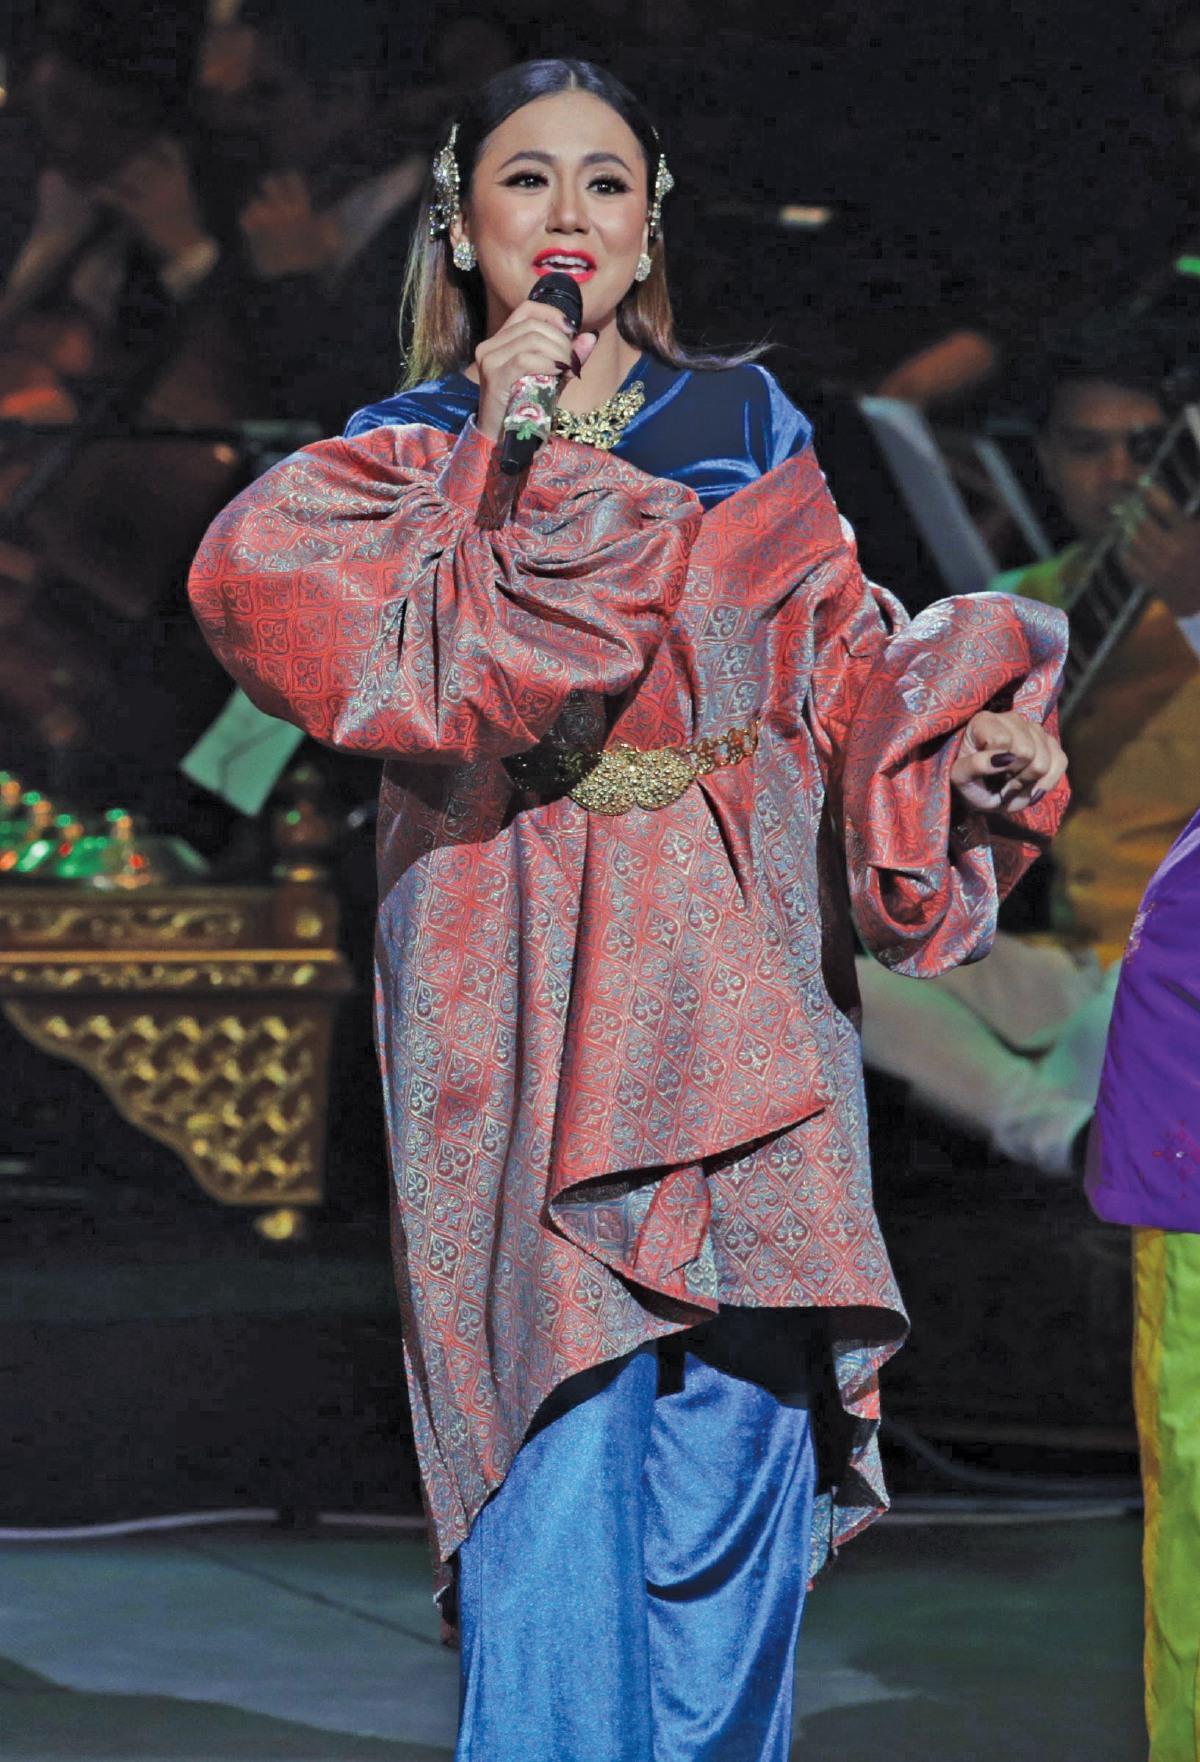 ASMIDAR ketika  membuat persembahan di Konsert Visit Malaysia 2020 di Panggung Sari, Istana Budaya, Januari lalu.